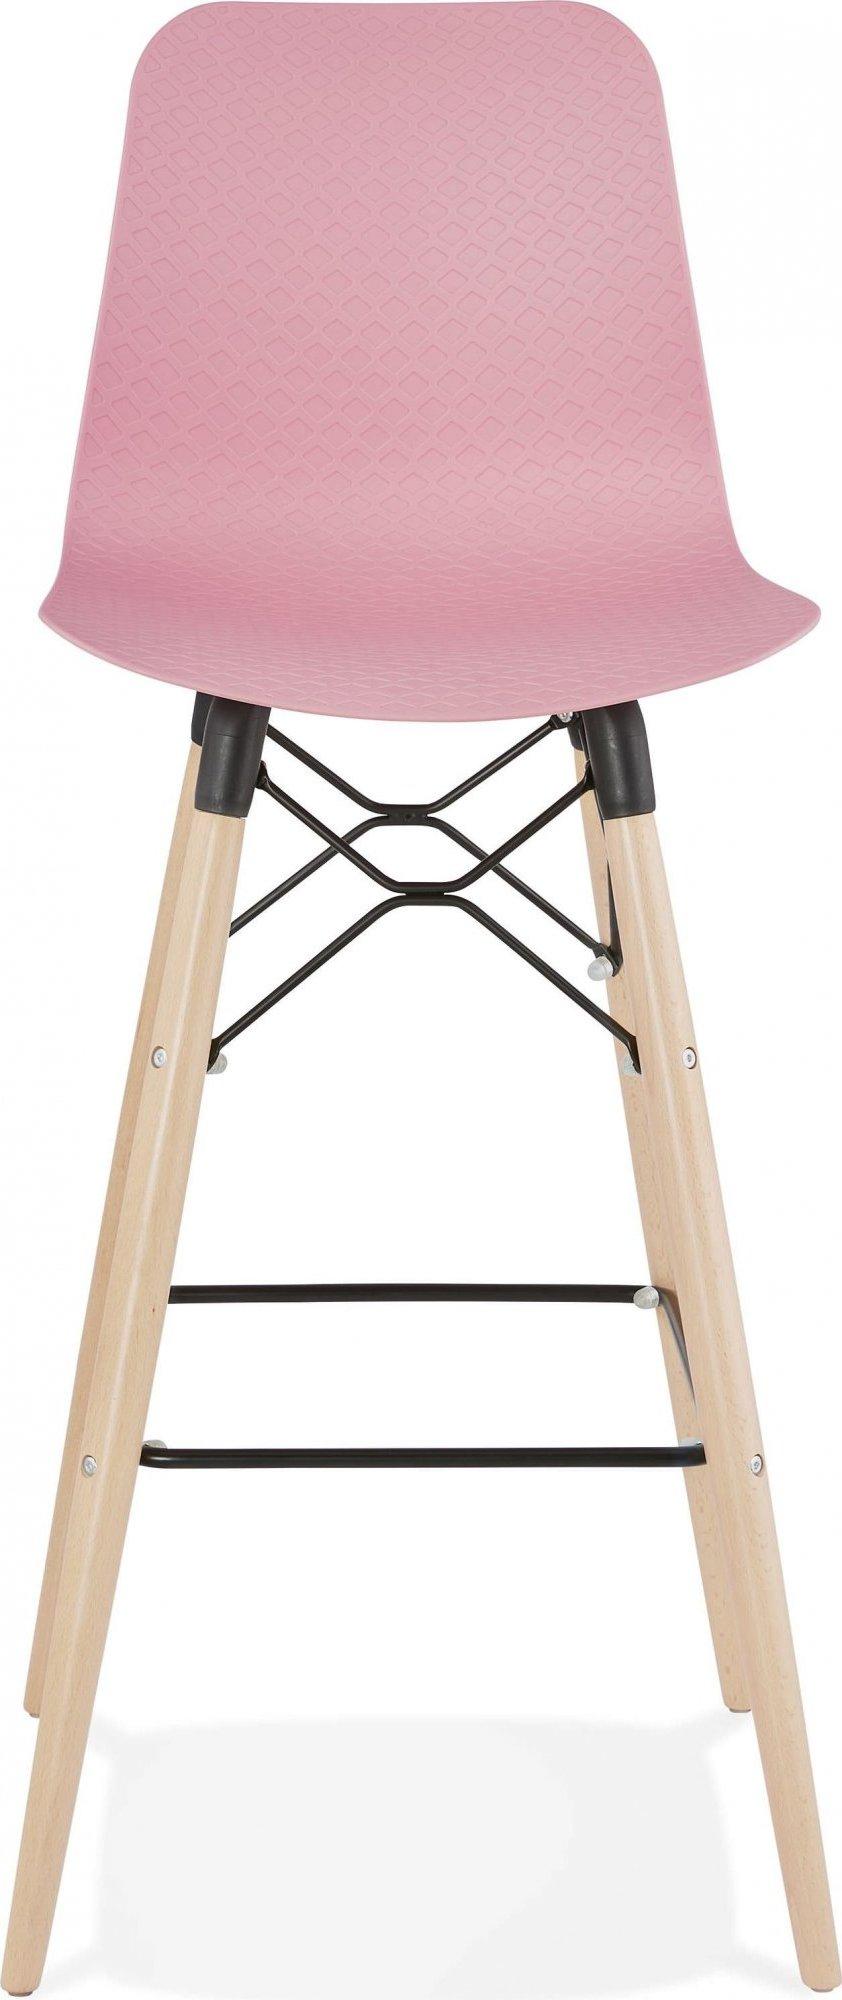 Tabouret de bar rose et bois naturel h112cm